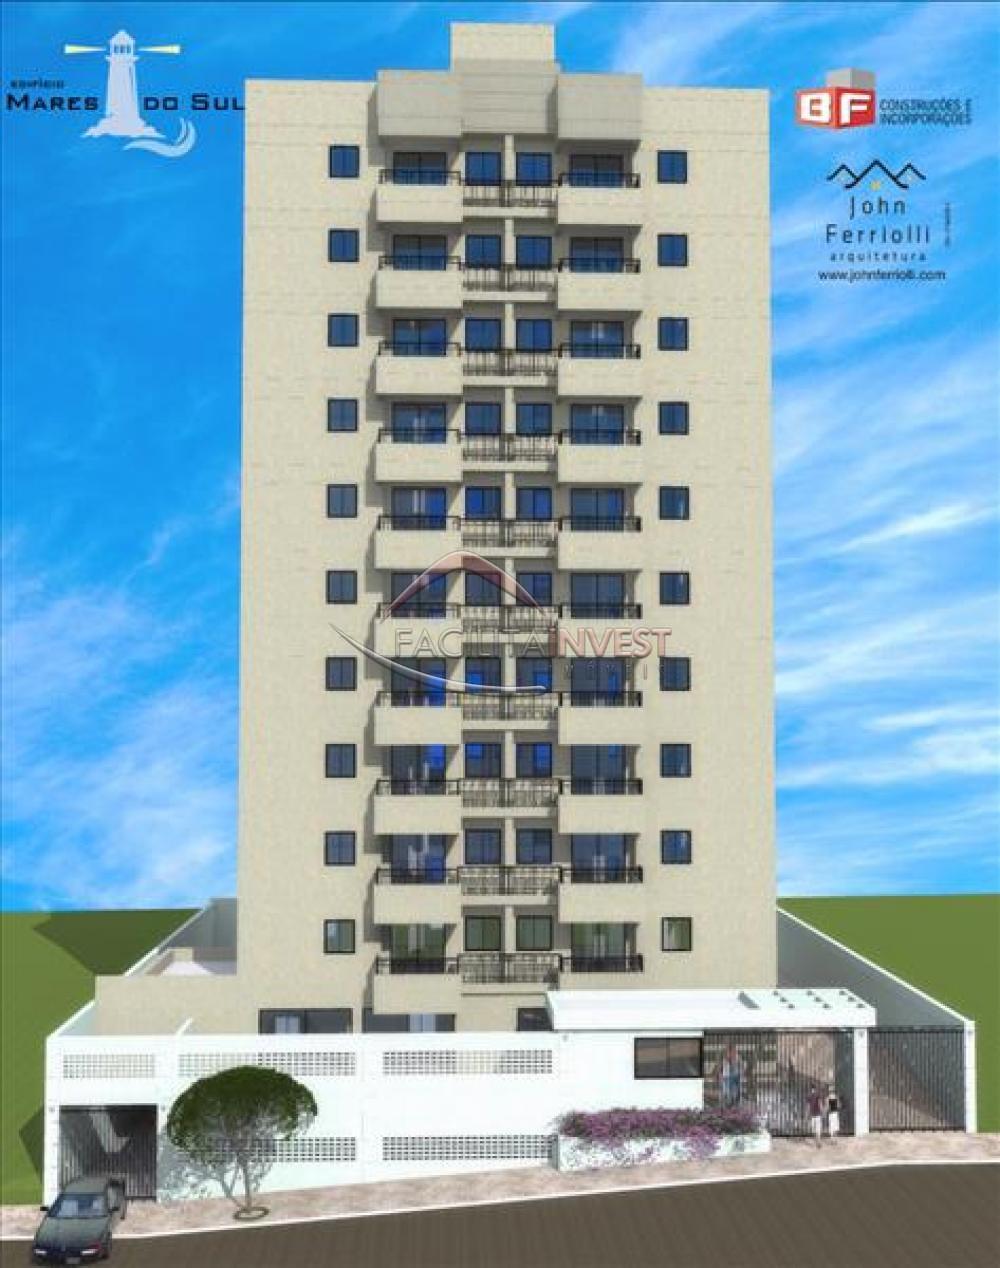 Comprar Apartamentos / Apart. Padrão em Ribeirão Preto apenas R$ 214.900,00 - Foto 1